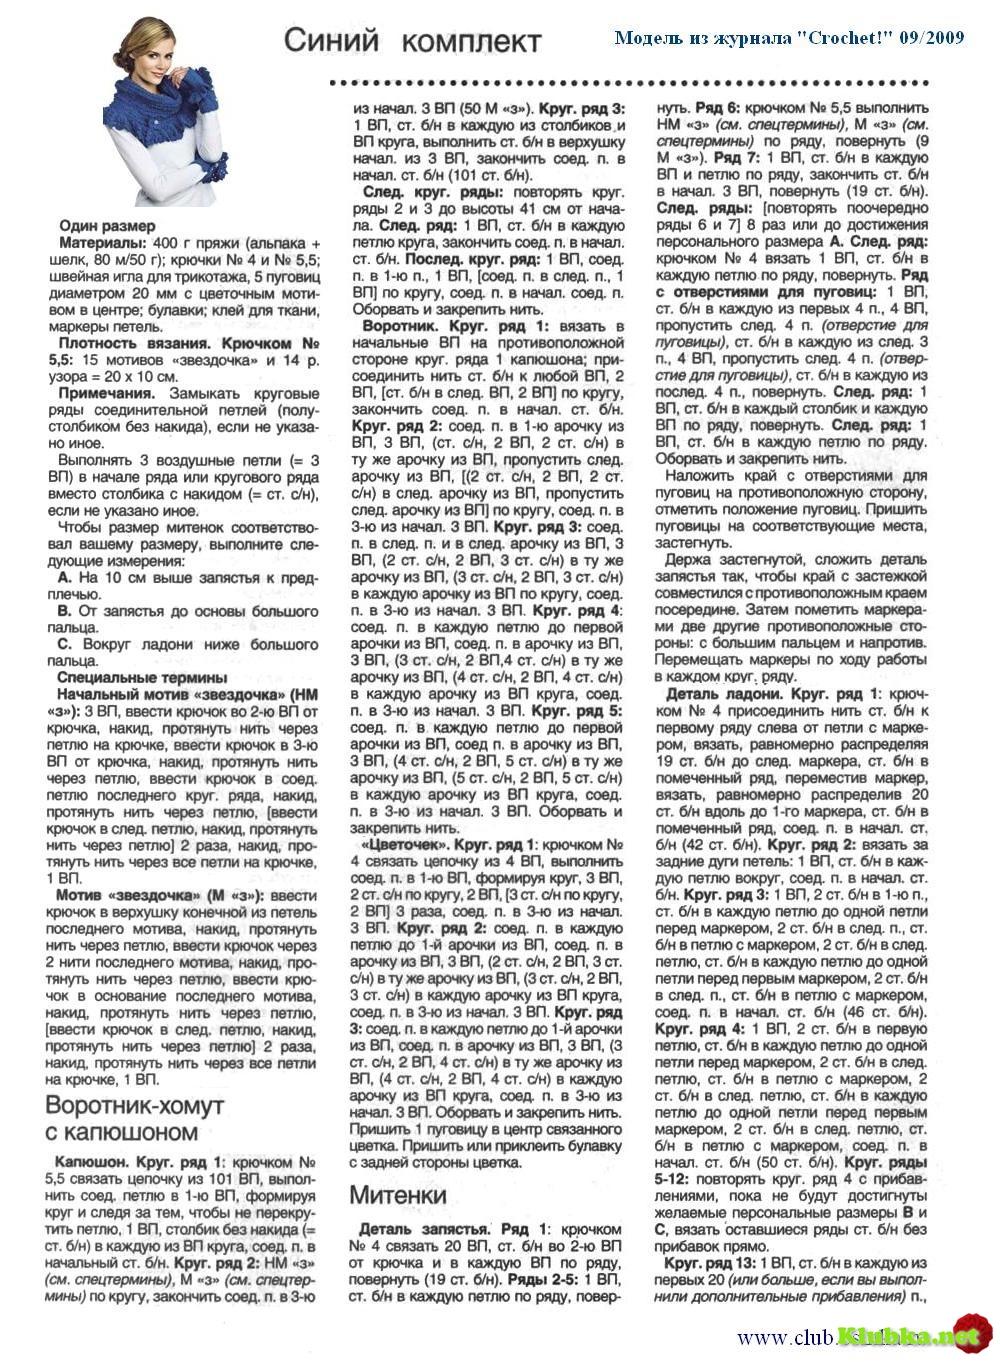 Снуд - Мир вязания и рукоделия 19